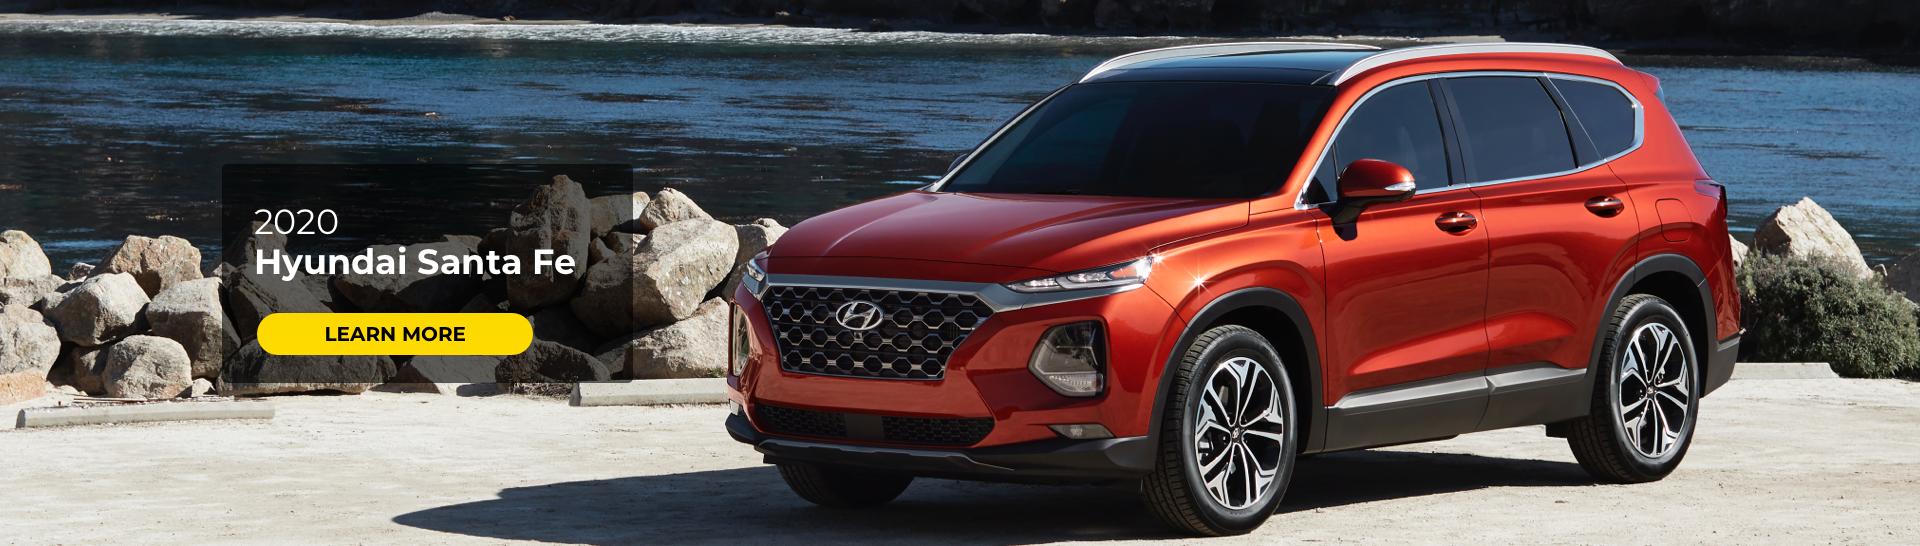 2020 Hyundai Santa FeV2